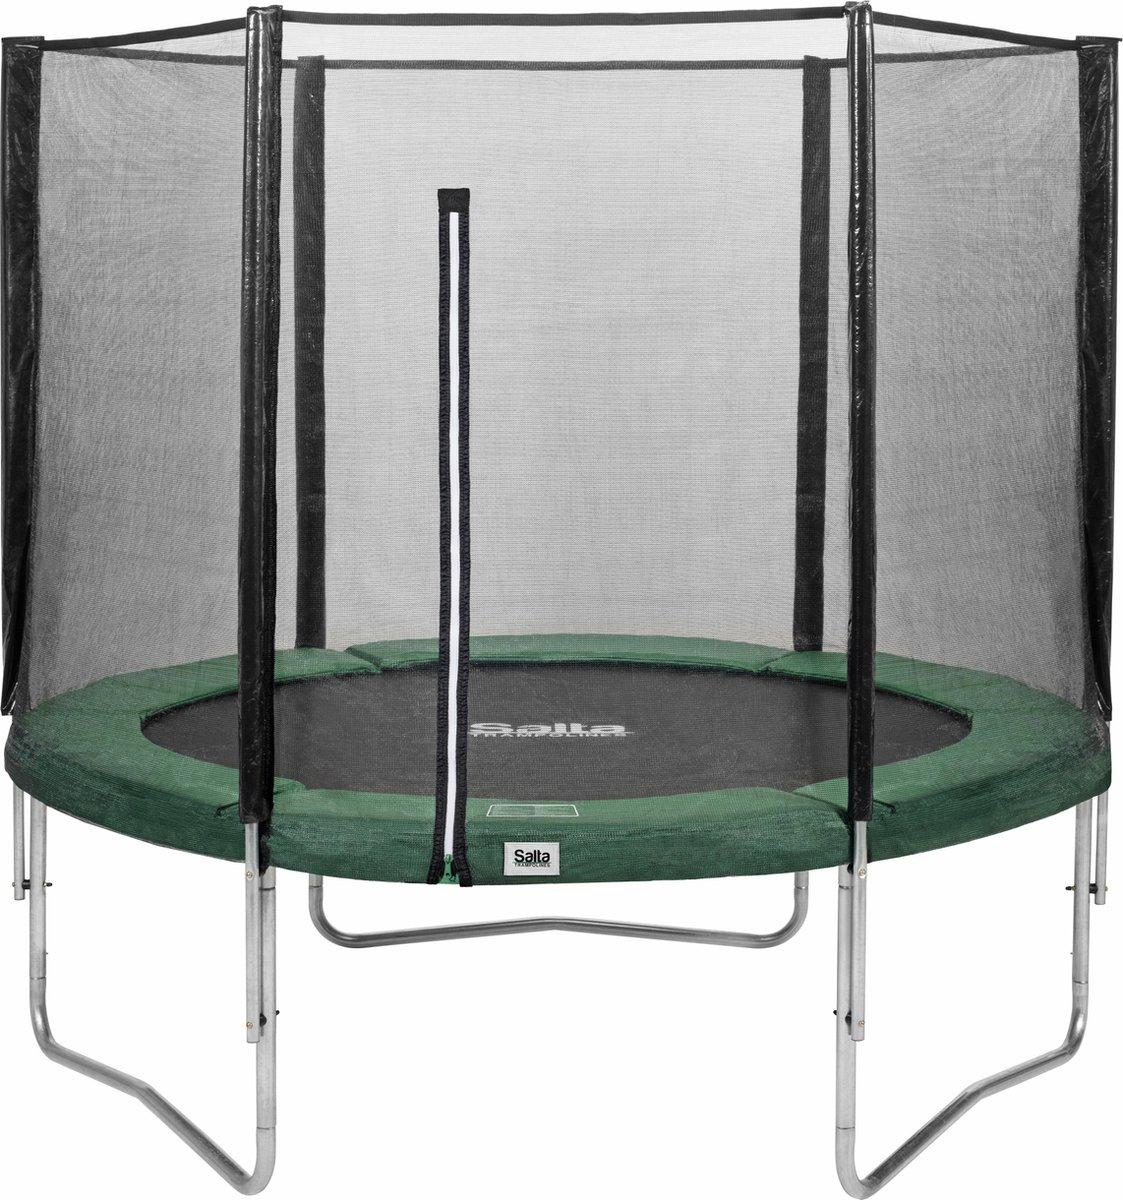 Salta Combo Trampoline - 213 cm - Inclusief Veiligheidsnet - Groen